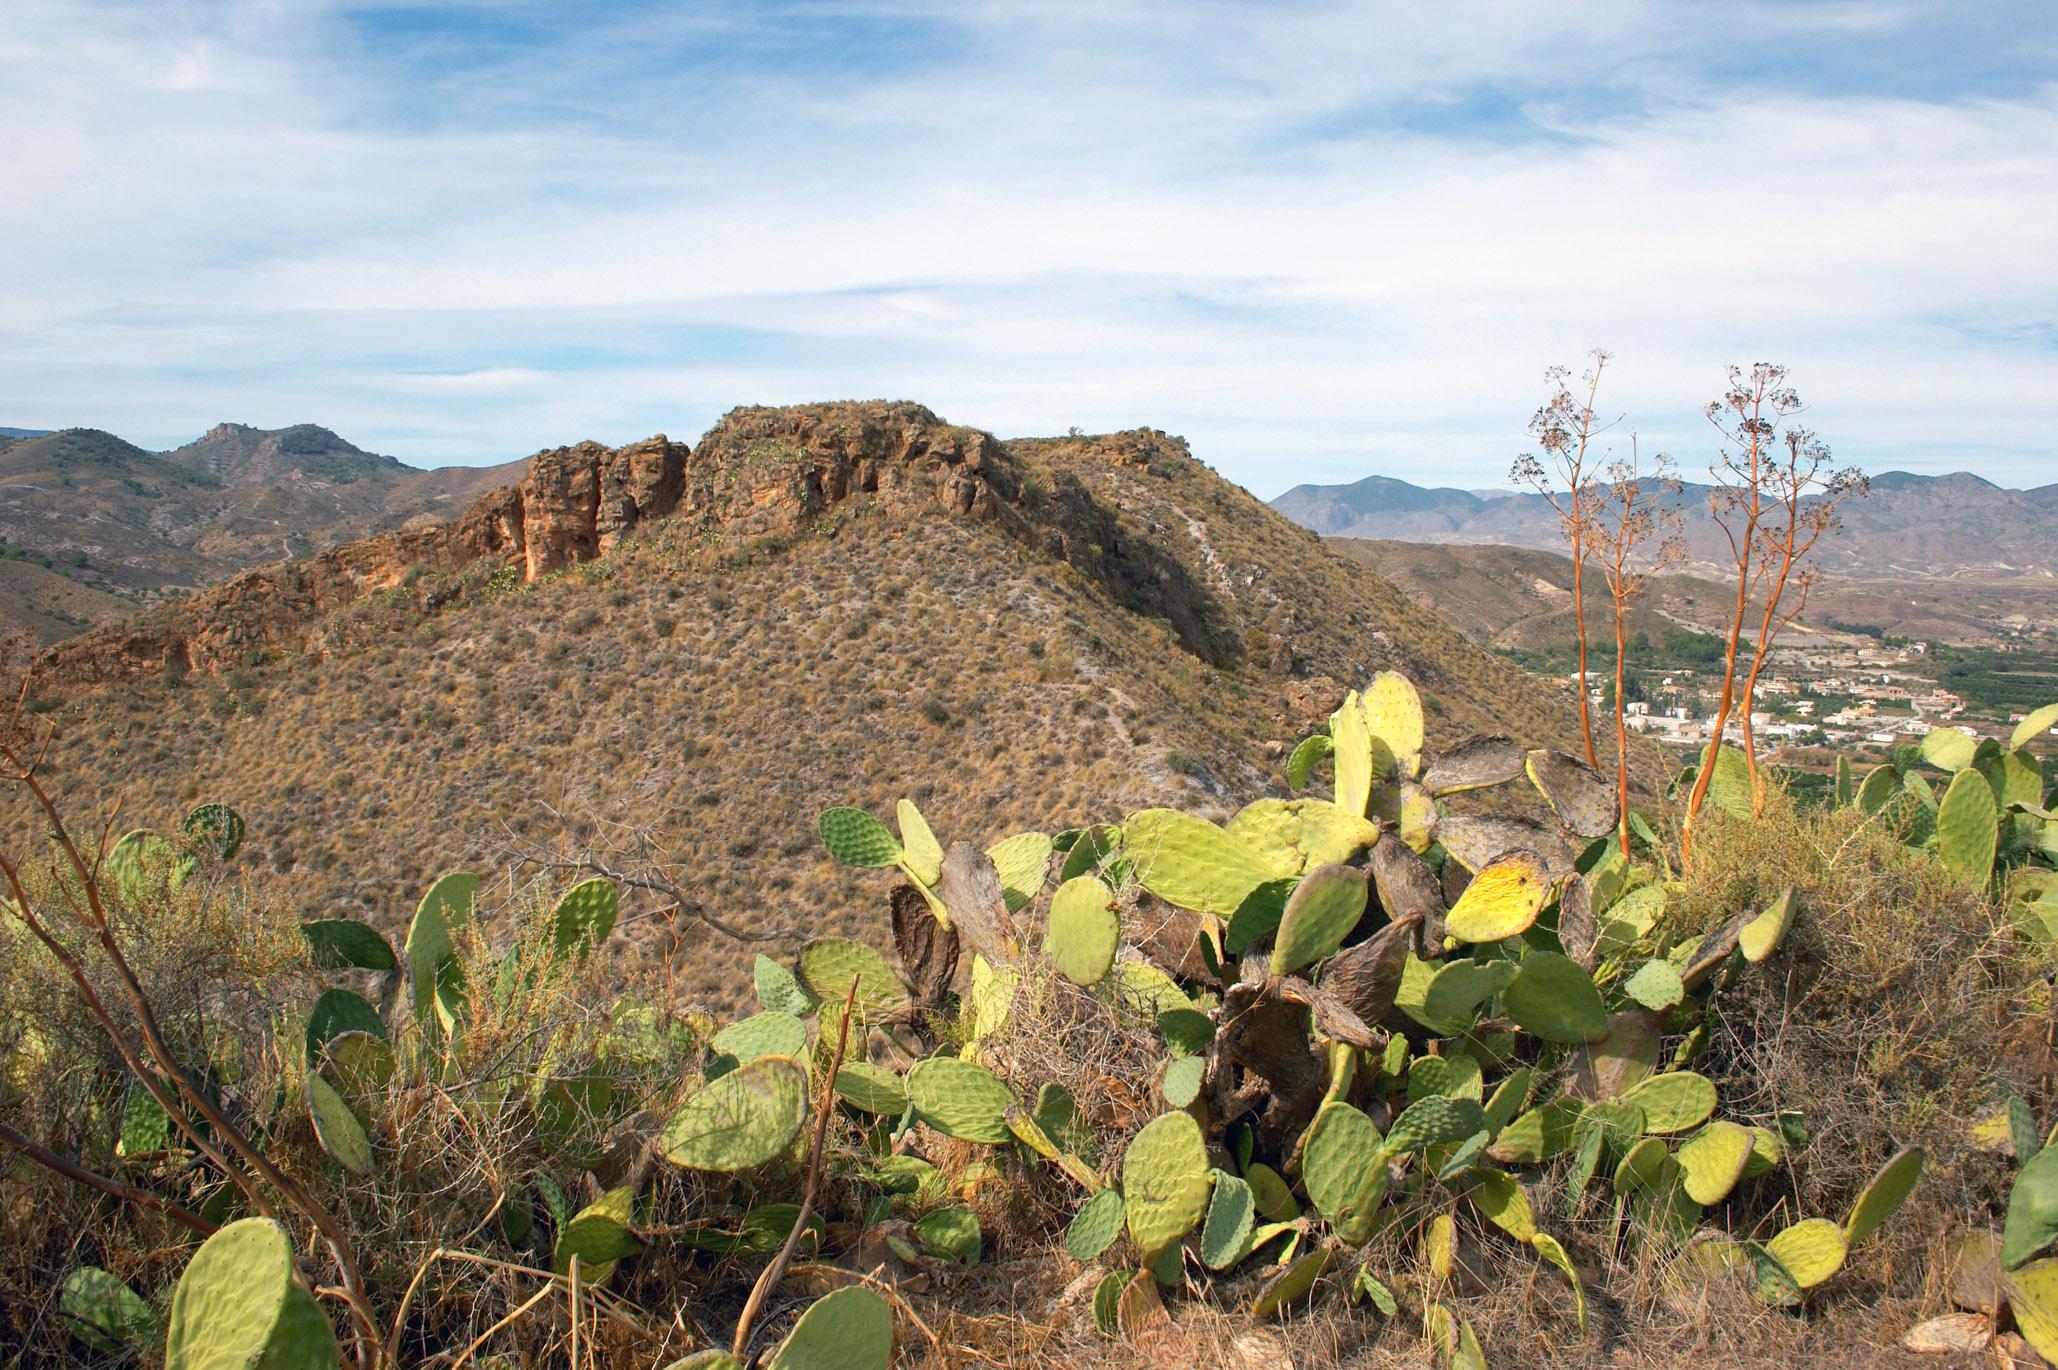 Piedra Yllora o Cantoria la Vieja en lo alto de una colina, frente a la población actual. © Fotografía: Andrés Carrillo